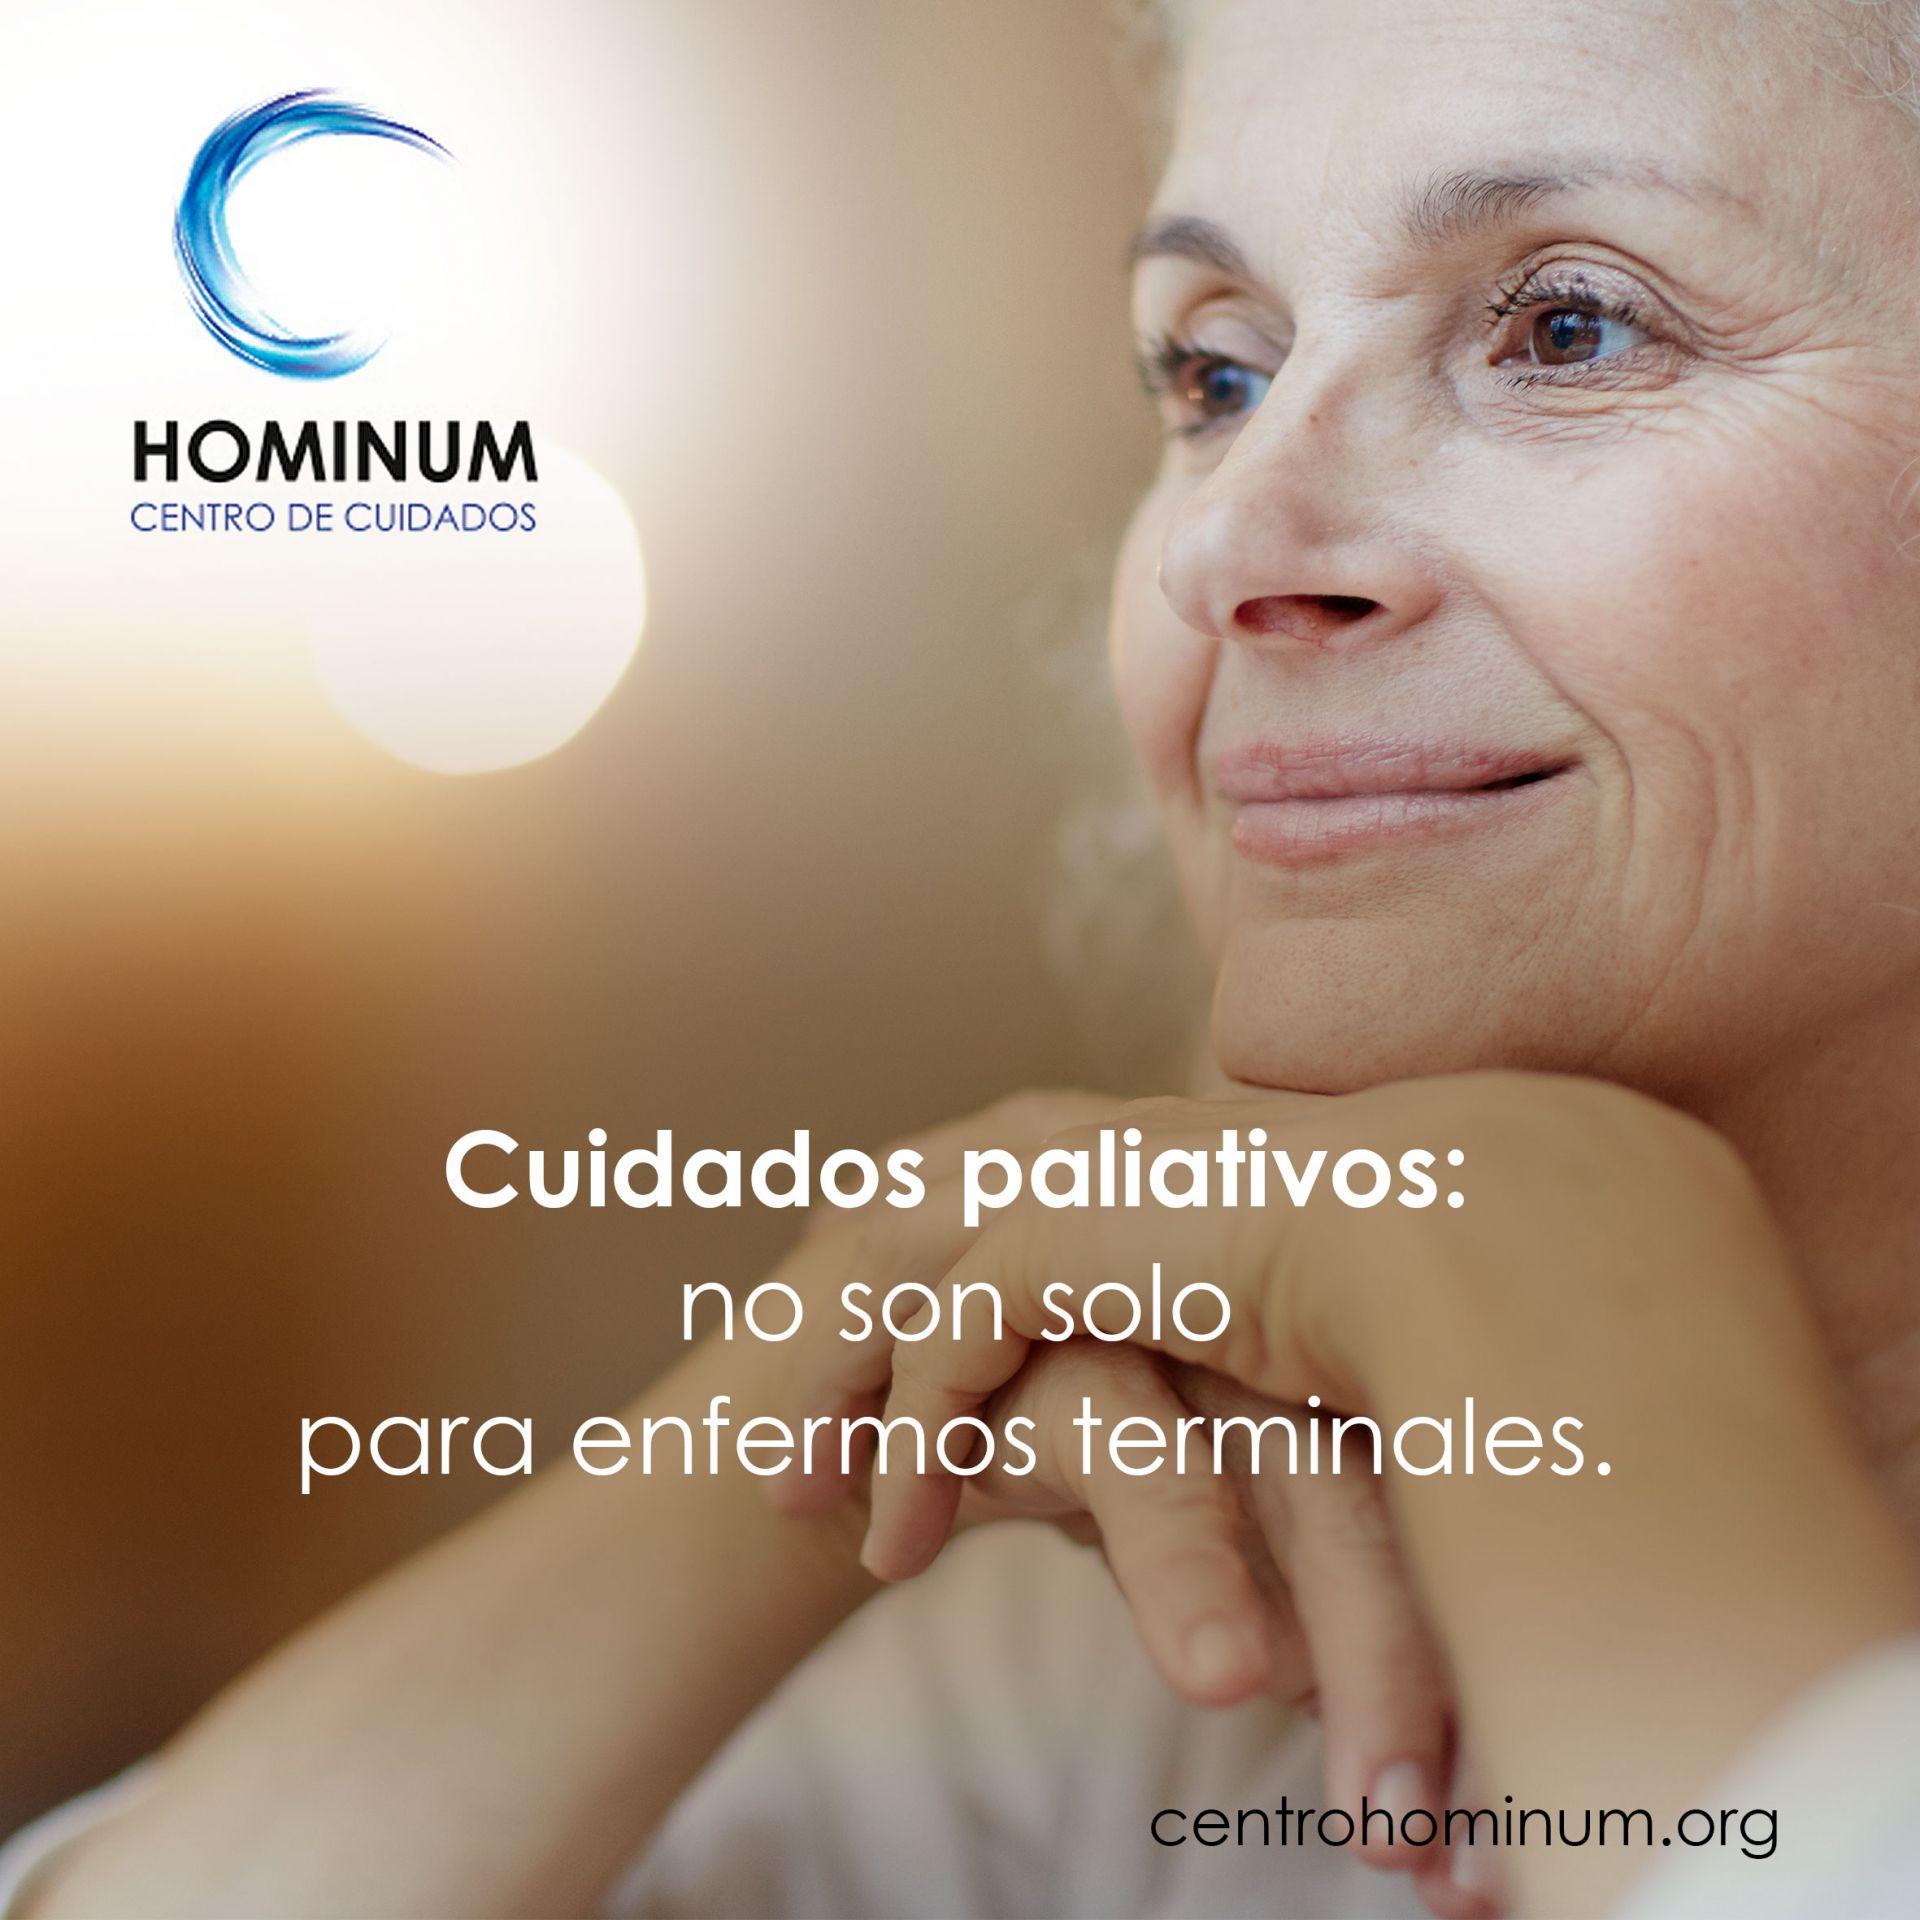 Cuidados paliativos: no son solo para enfermos terminales.